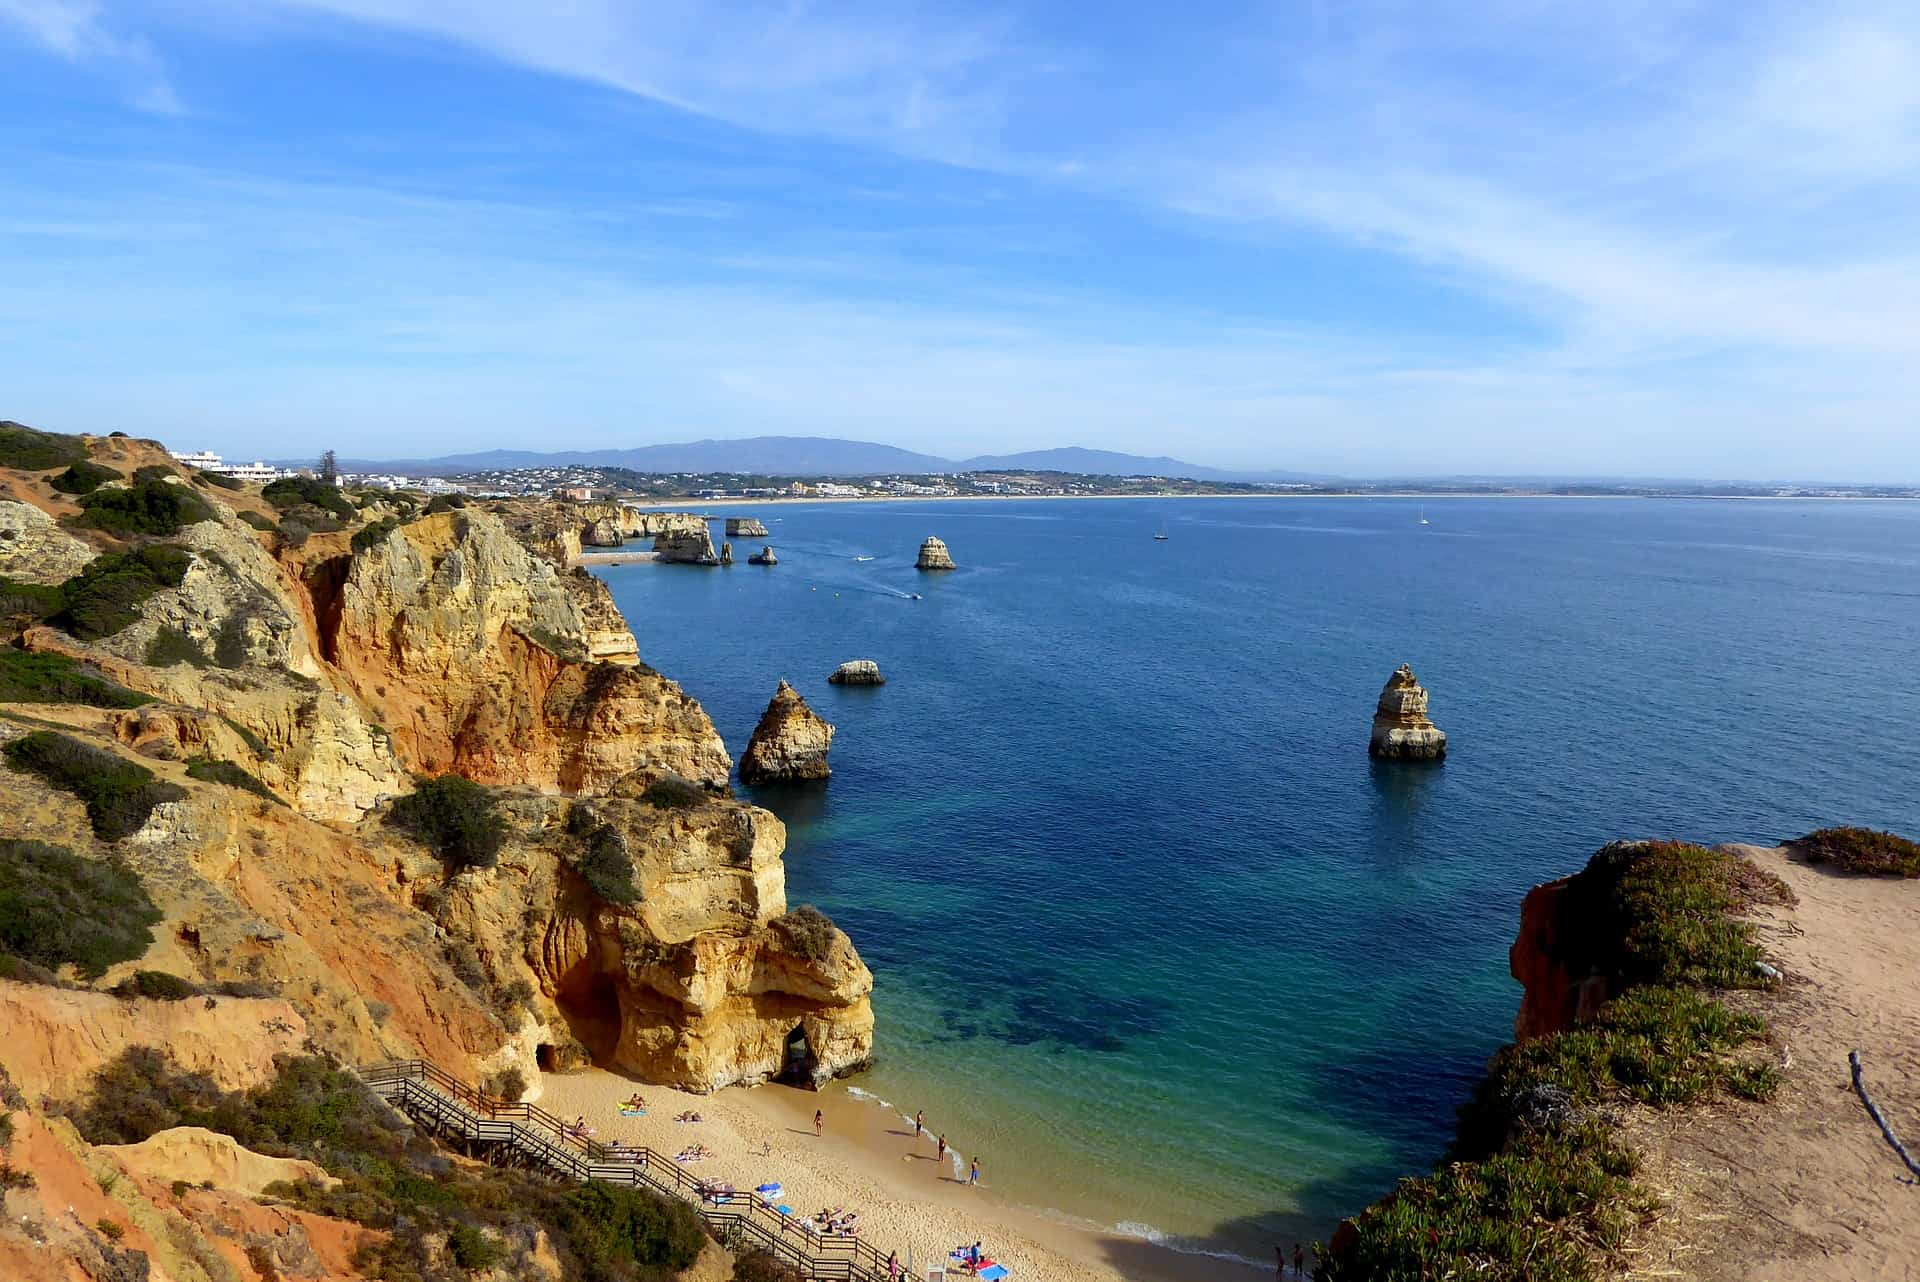 Strandurlaub am schönsten Ort Europas - Lagos Algarve Urlaub